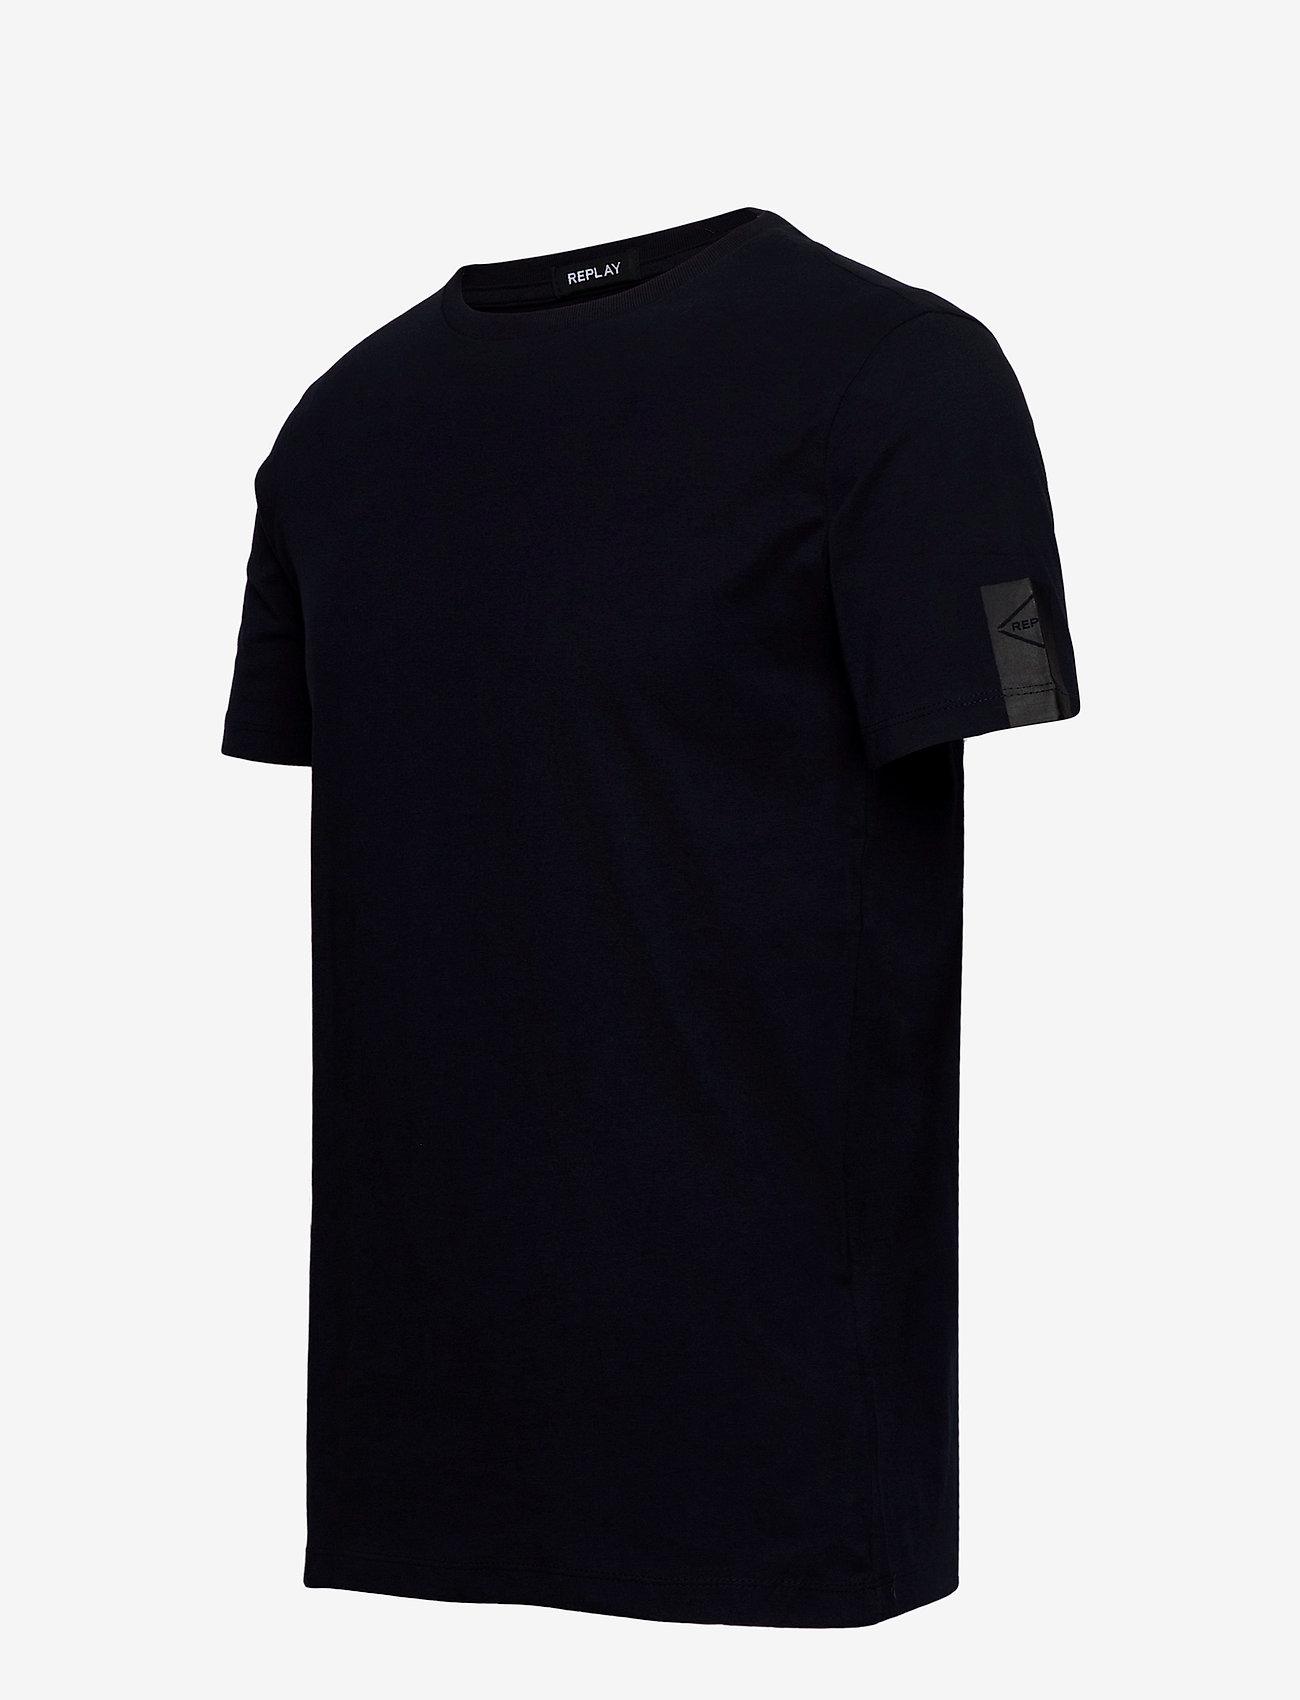 Replay 000 - T-skjorter DARK BLUE - Menn Klær